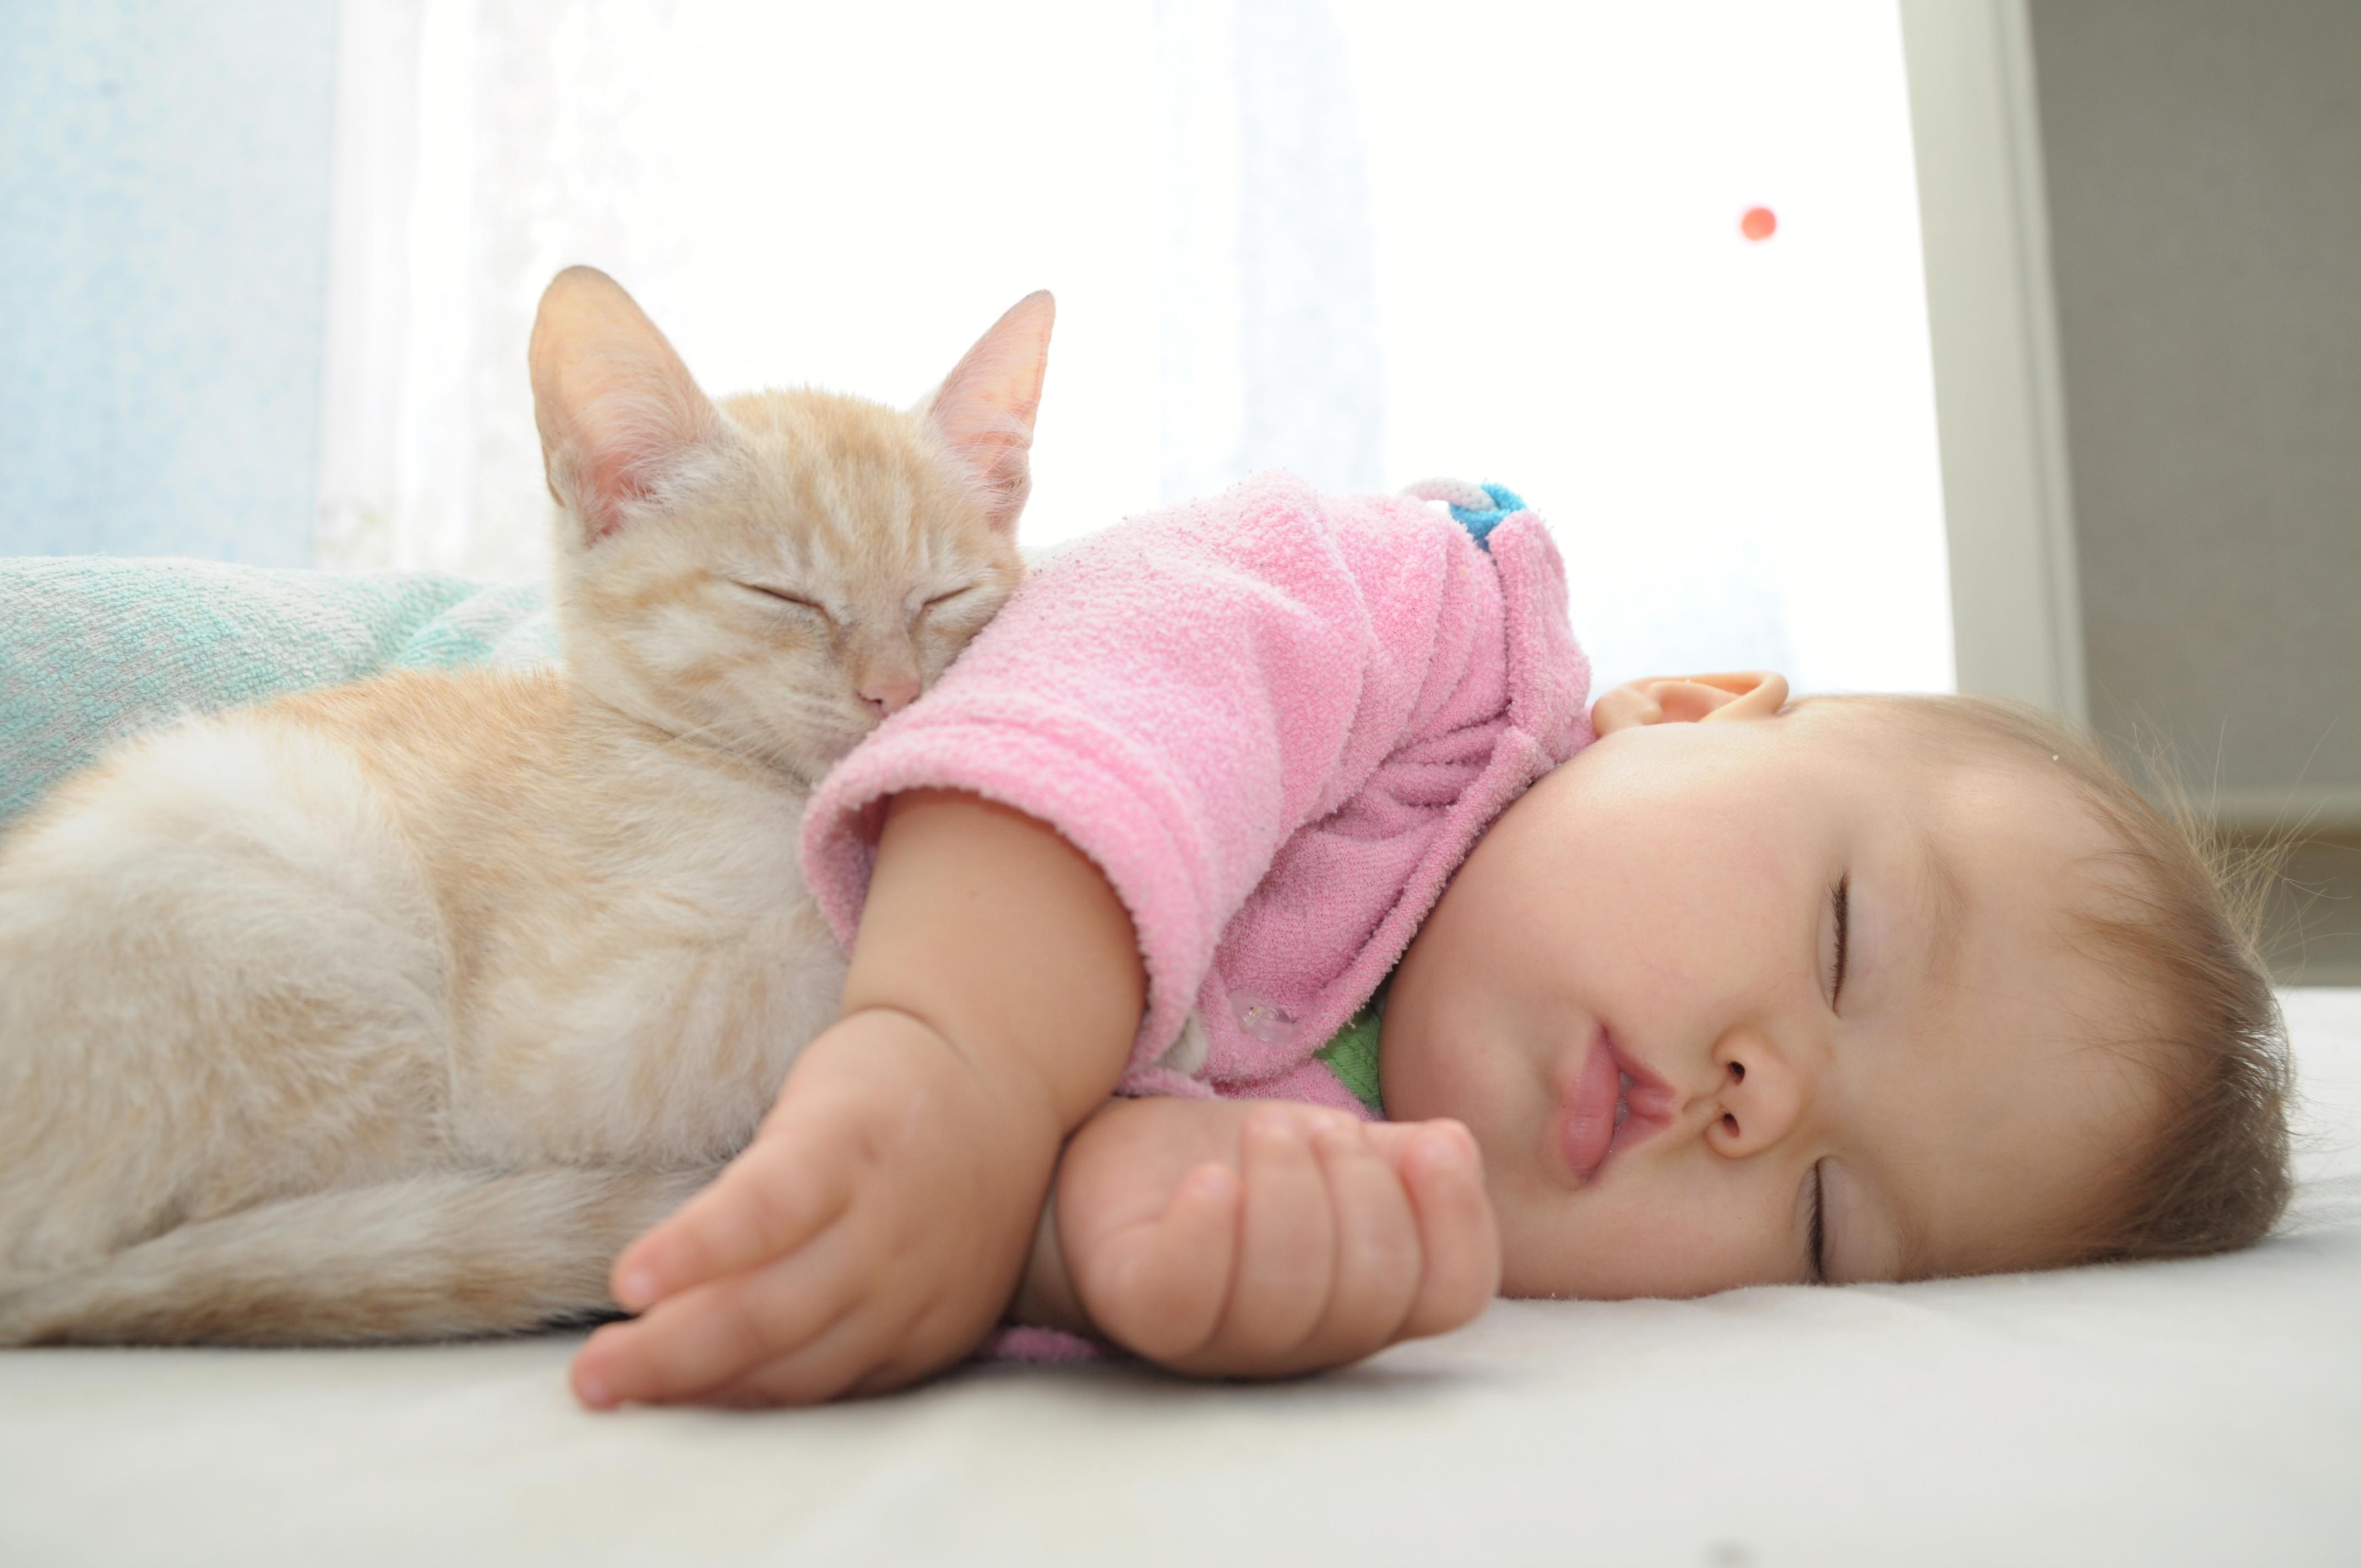 För såväl människor som däggdjur är en god REM-sömn när man är liten viktigt för hjärnans utveckling.